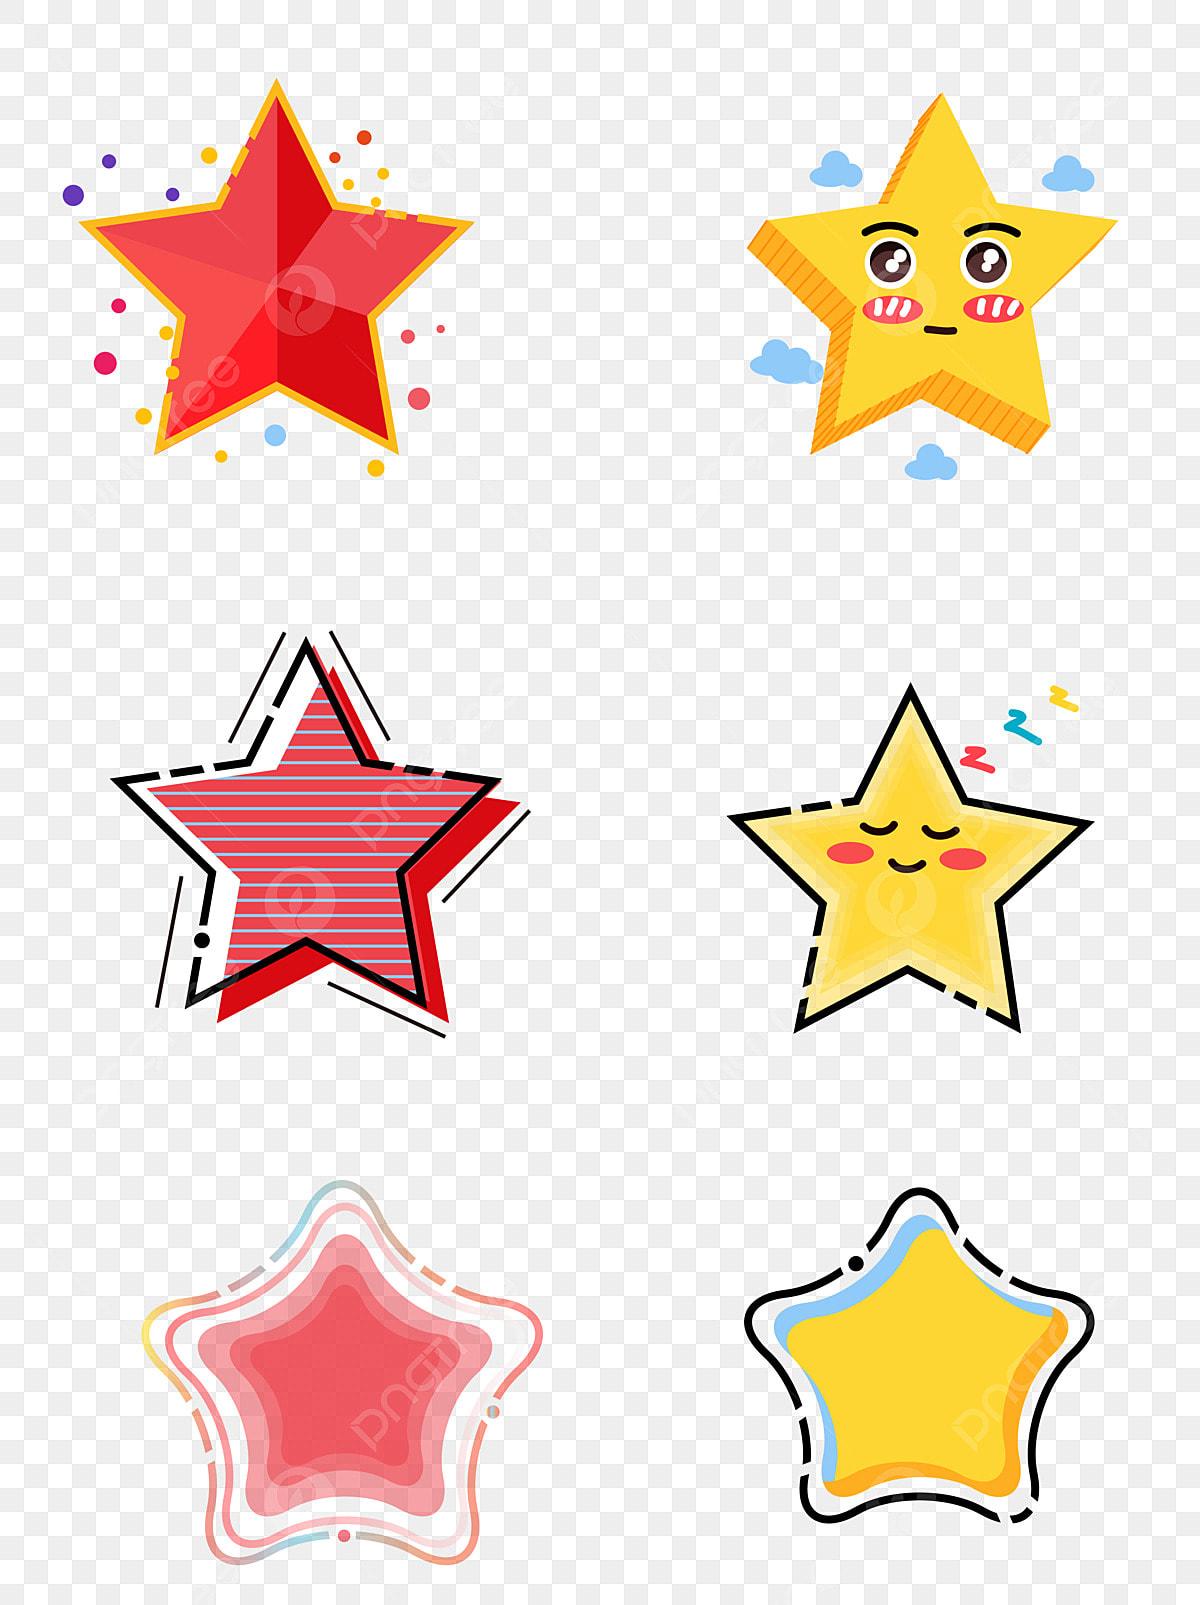 Nouvel Dessin Animé Minimaliste étoile Mignonne à Cinq Branches AM-19